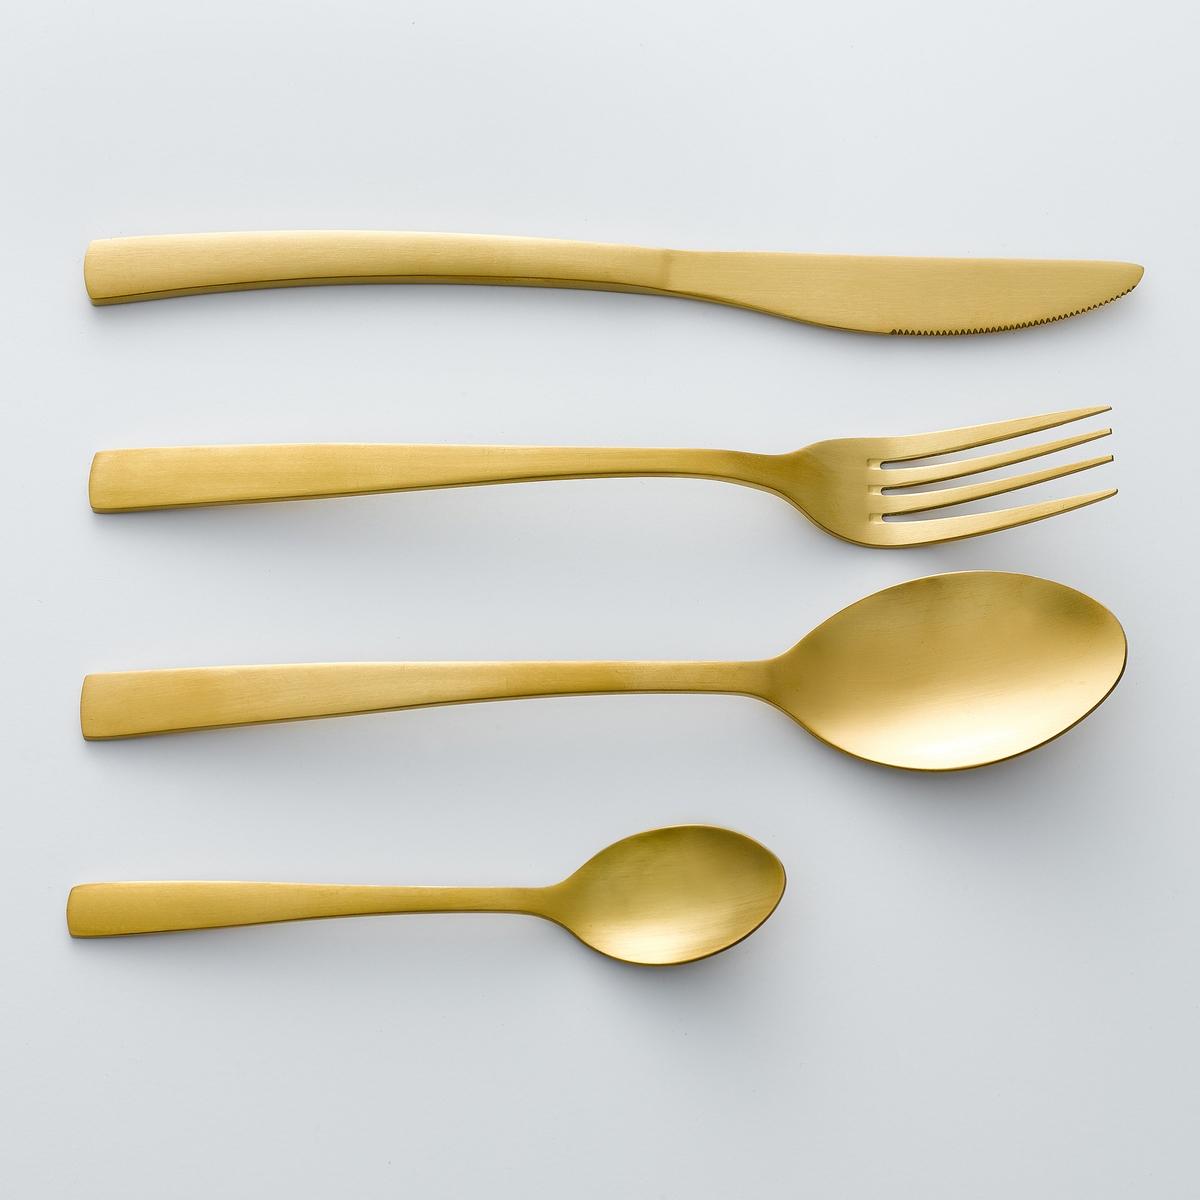 4 ножа из нерж.стали золотистого цвета, AuberieХарактеристики 4 ножей Auberie:- Из нержавеющей стали с позолоченным покрытием.- Можно использовать в посудомоечной машине.Вилки, ложки для супа и кофе Auberie продаются на нашем сайте .<br><br>Цвет: золотистый<br>Размер: единый размер